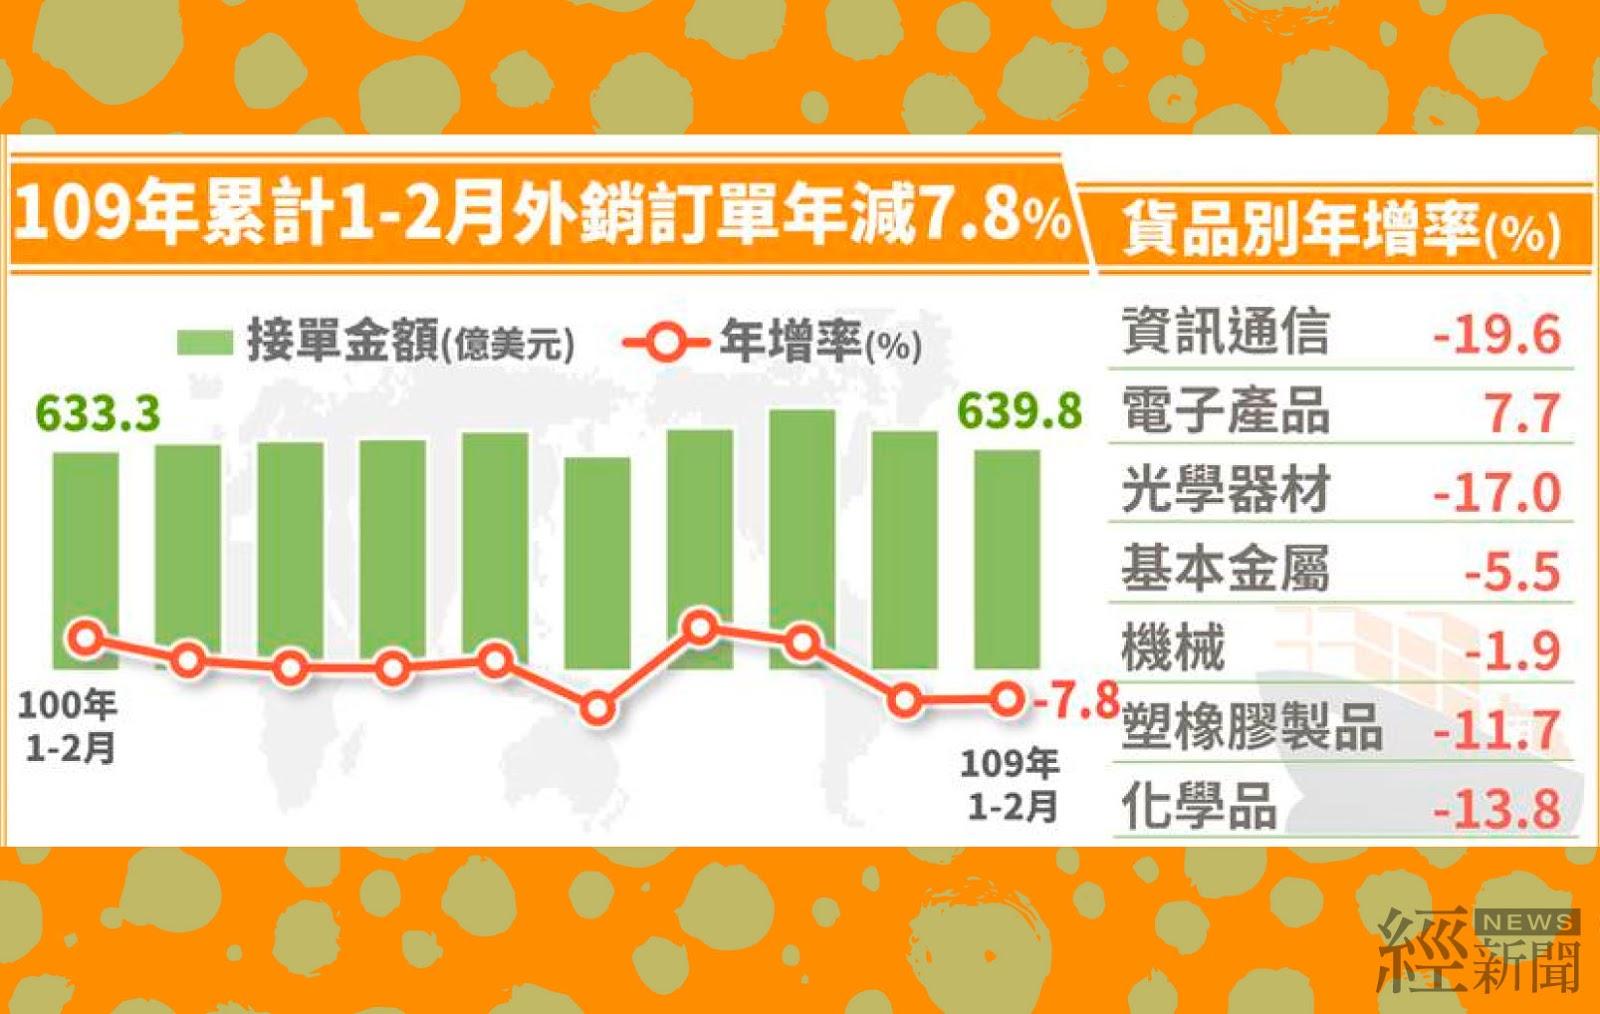 2月外銷訂單286.8億美元 年減0.8%